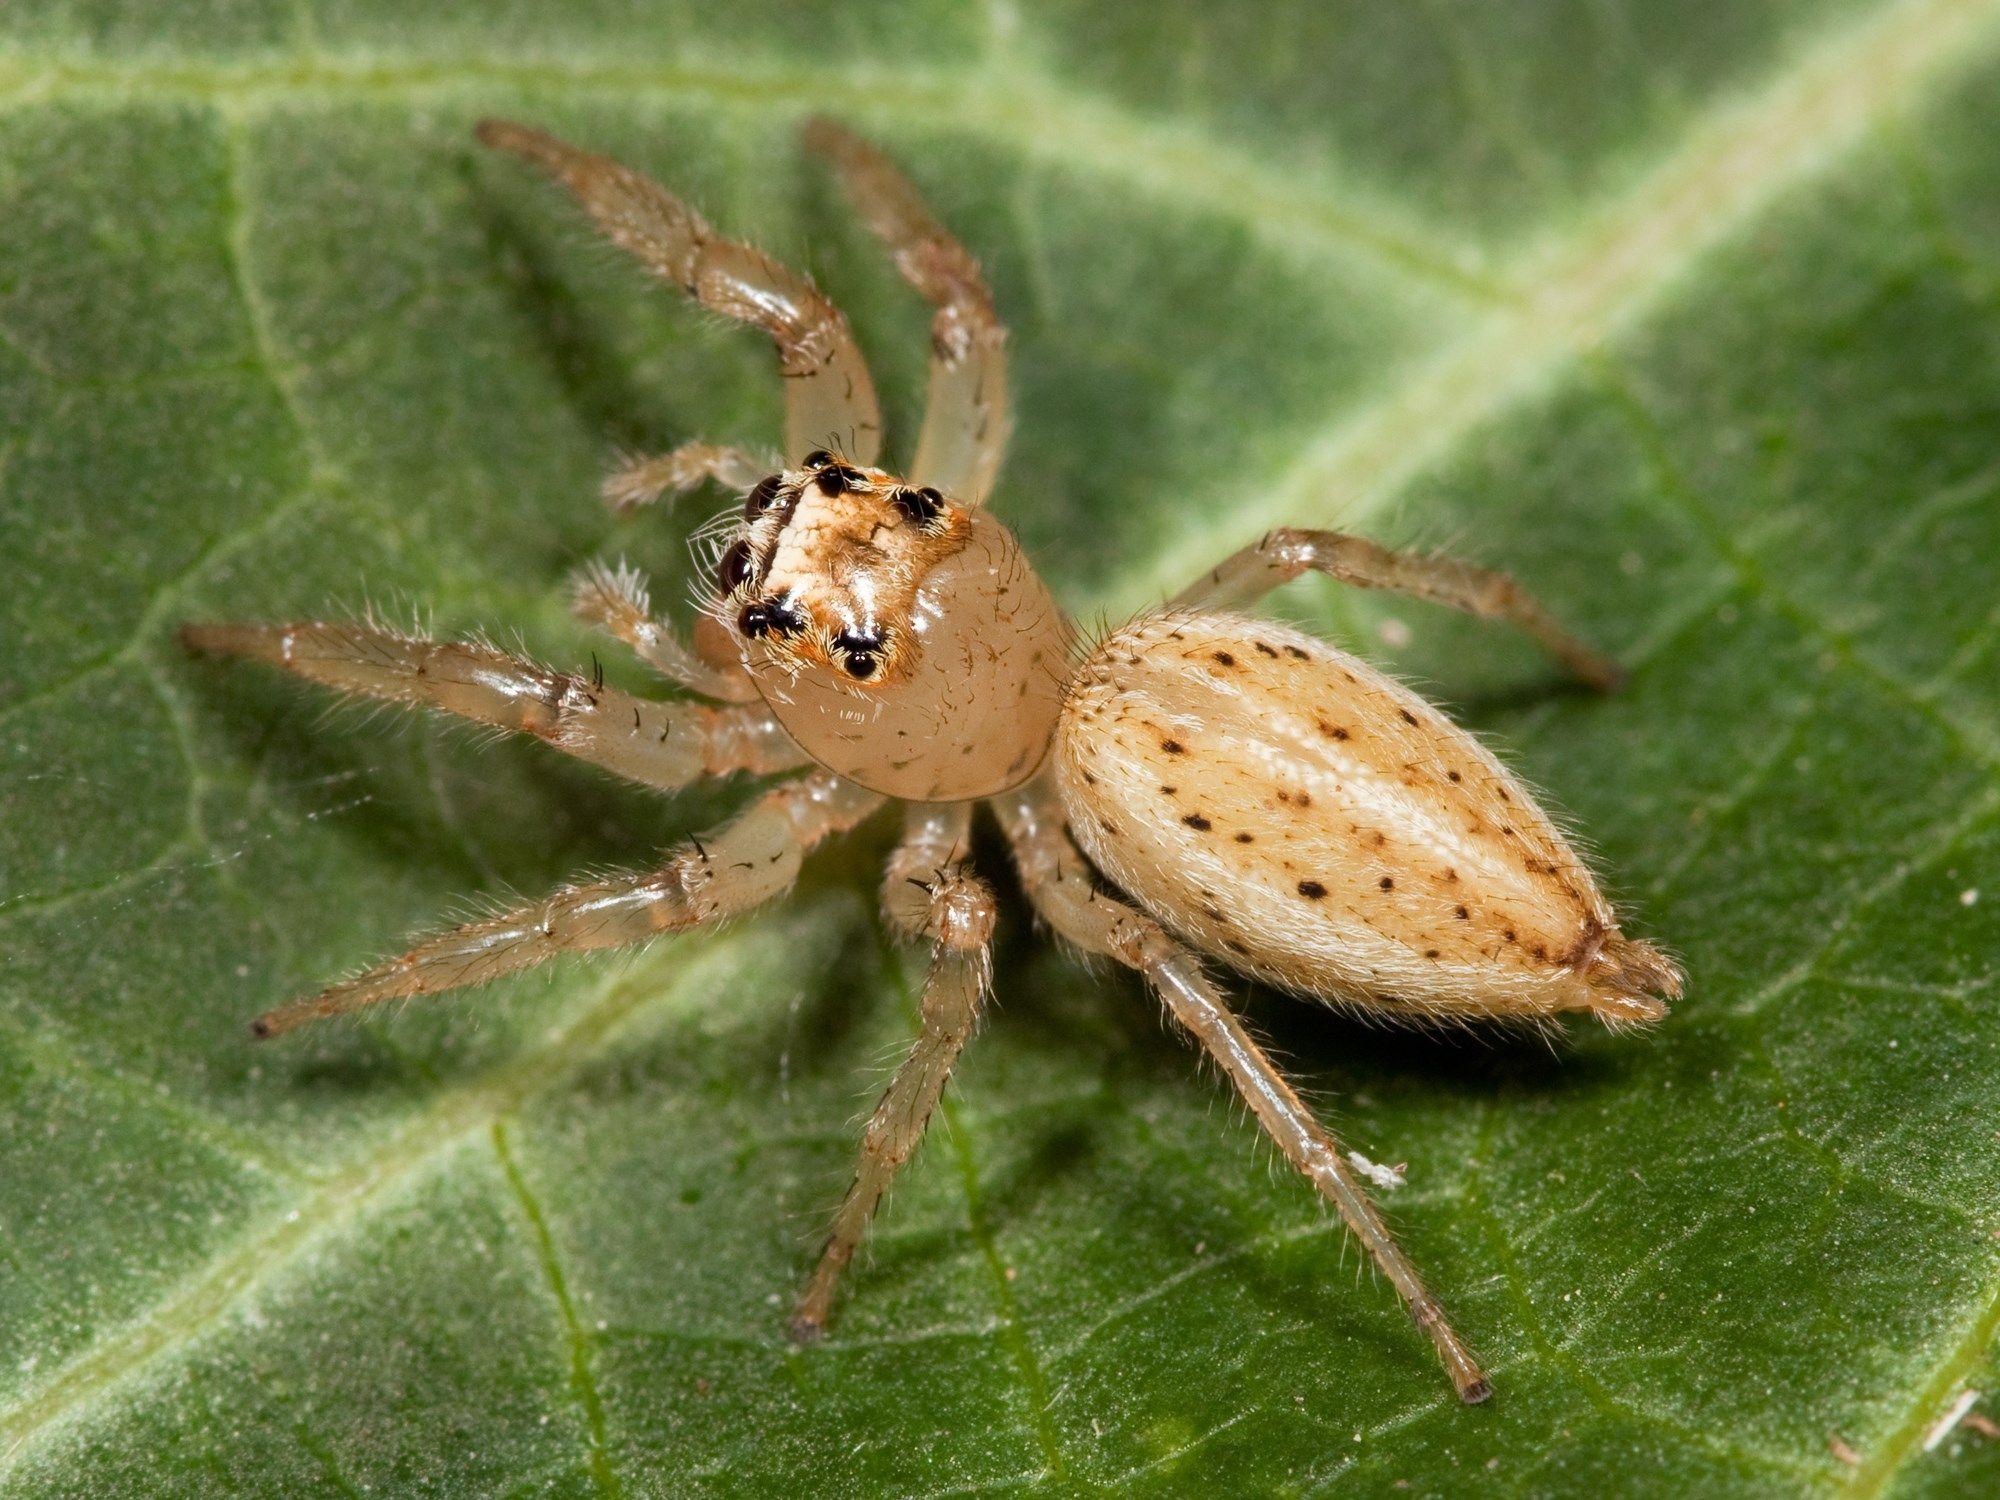 Spider download free